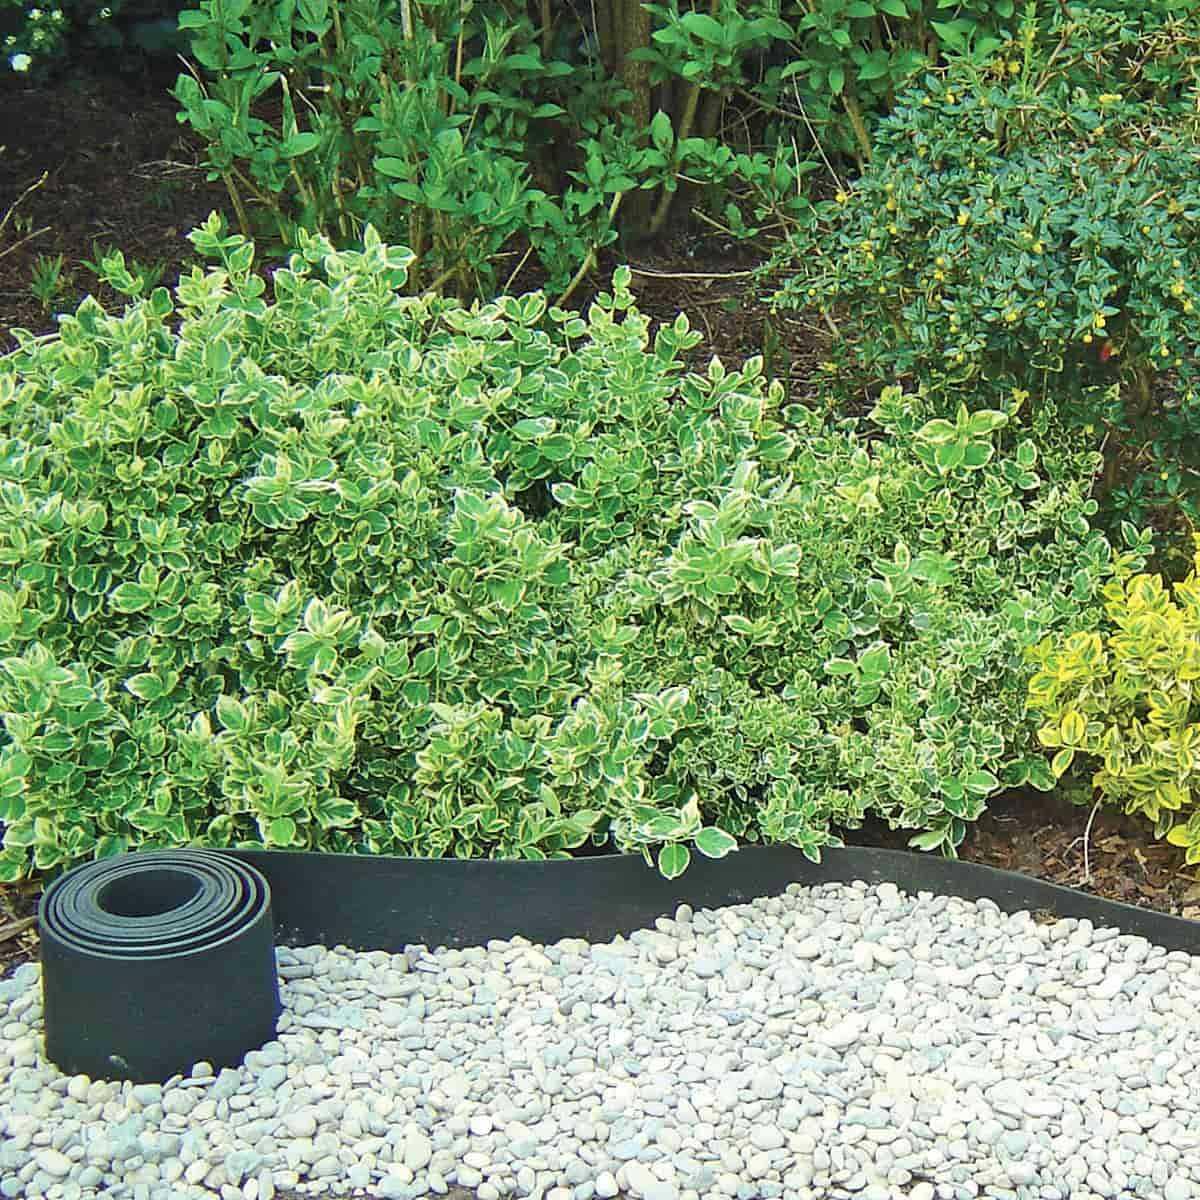 bordure caoutchouc recycle gazon 5mx13cm vente au meilleur prix jardins animes